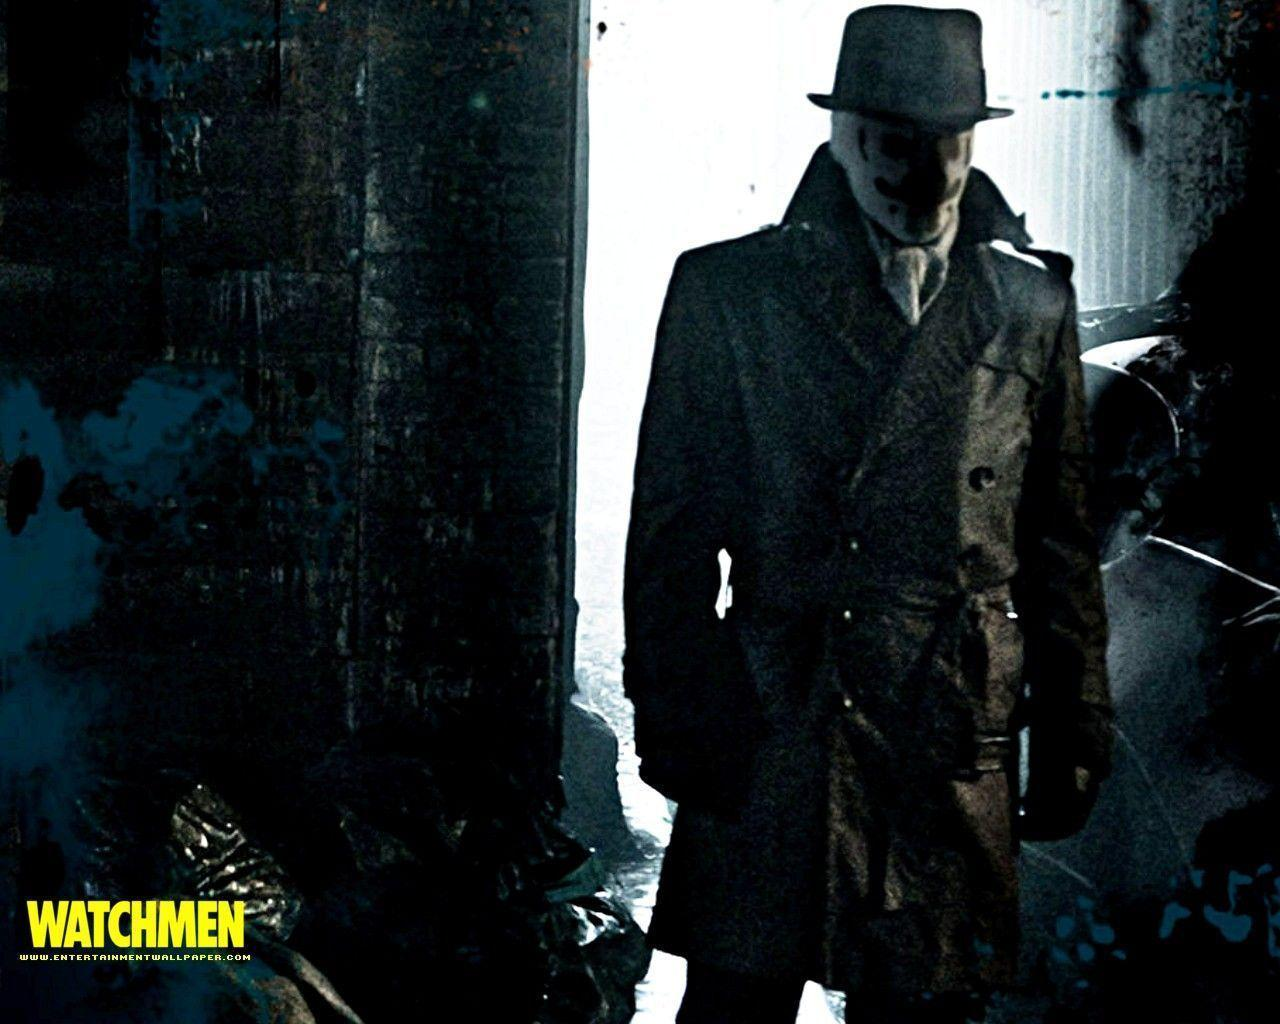 Wallpaper watchmen movie